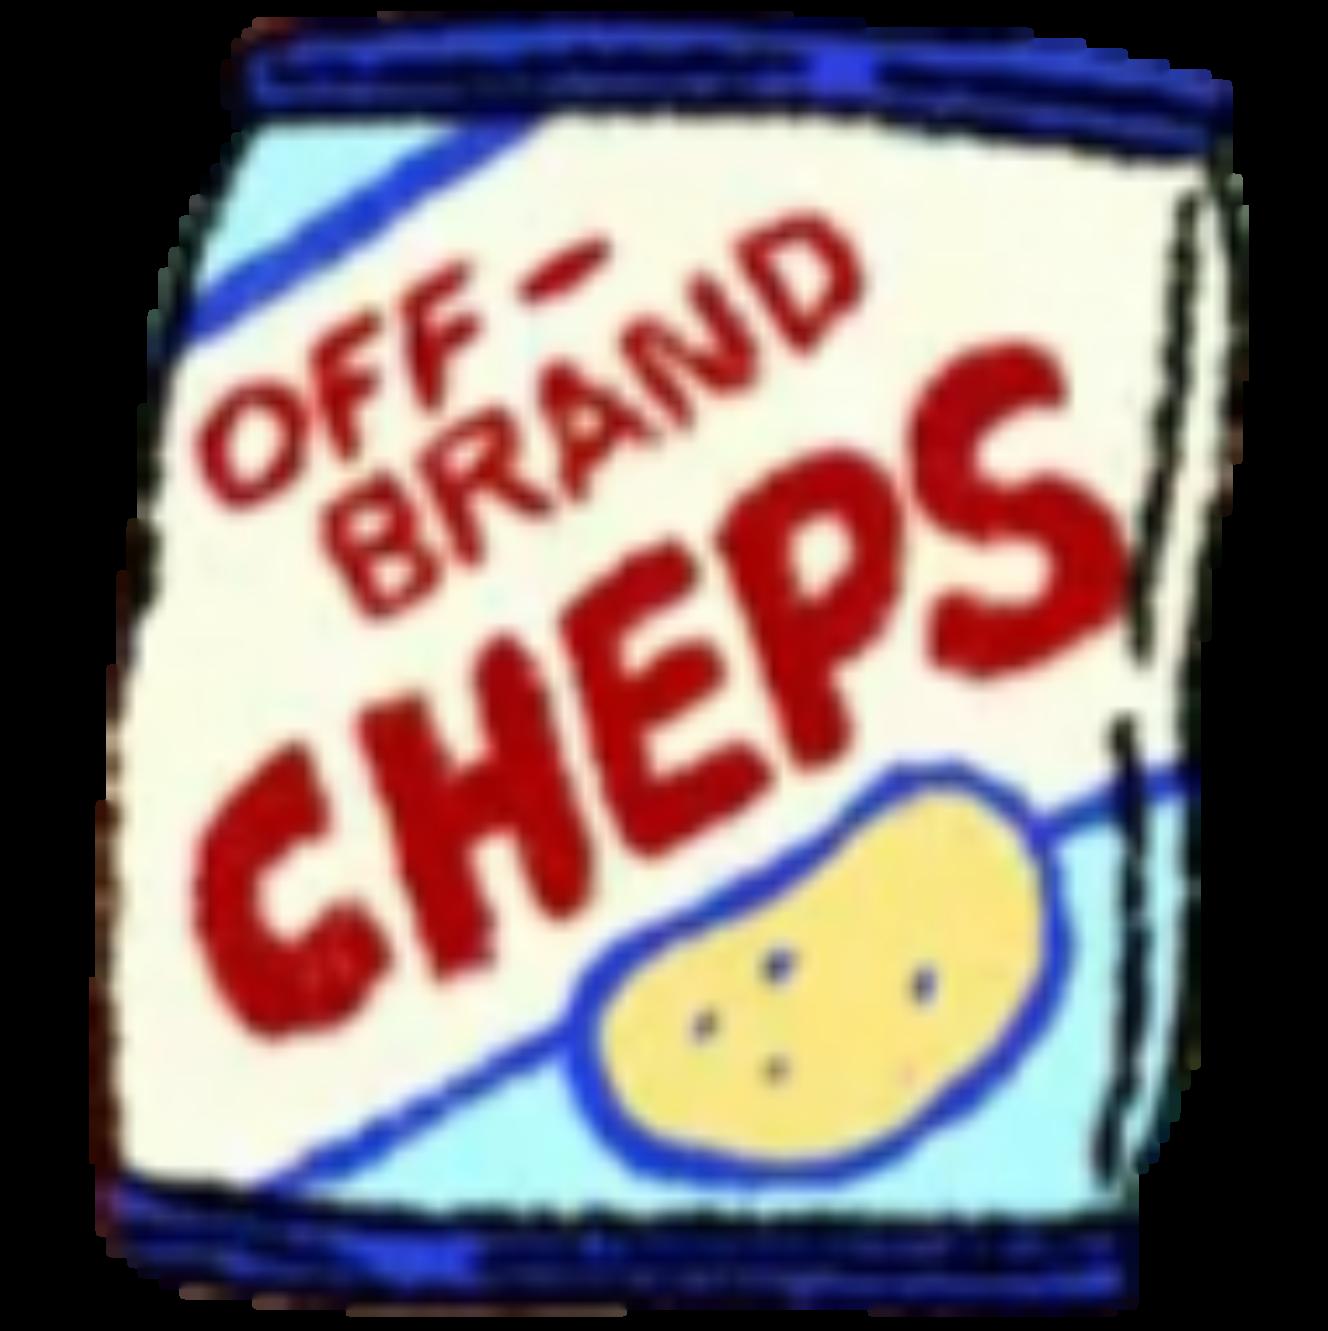 Off-Brand Cheps